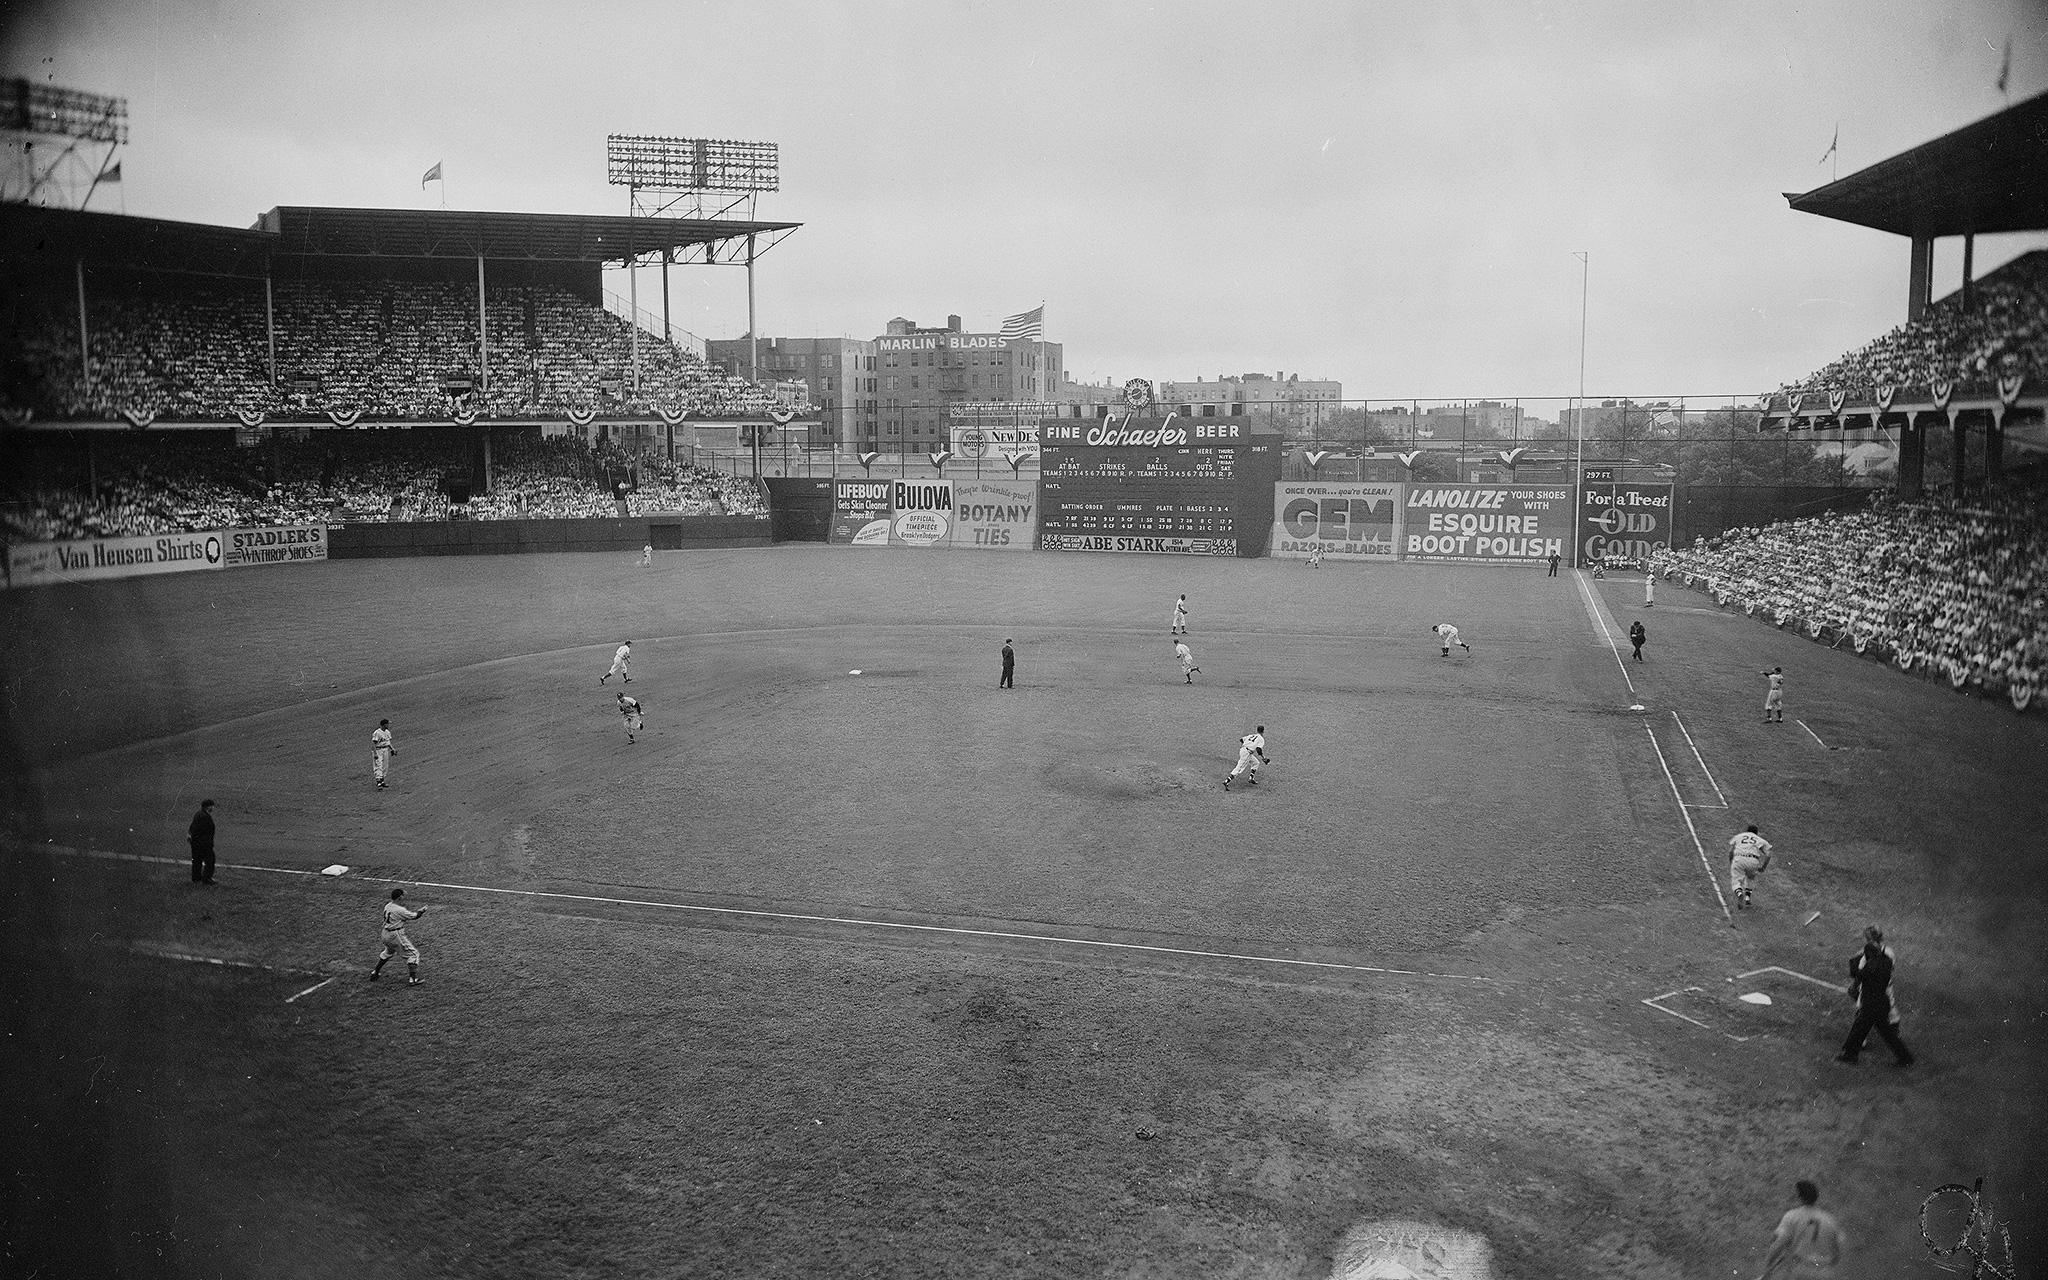 July 12, 1949 -- Ebbets Field